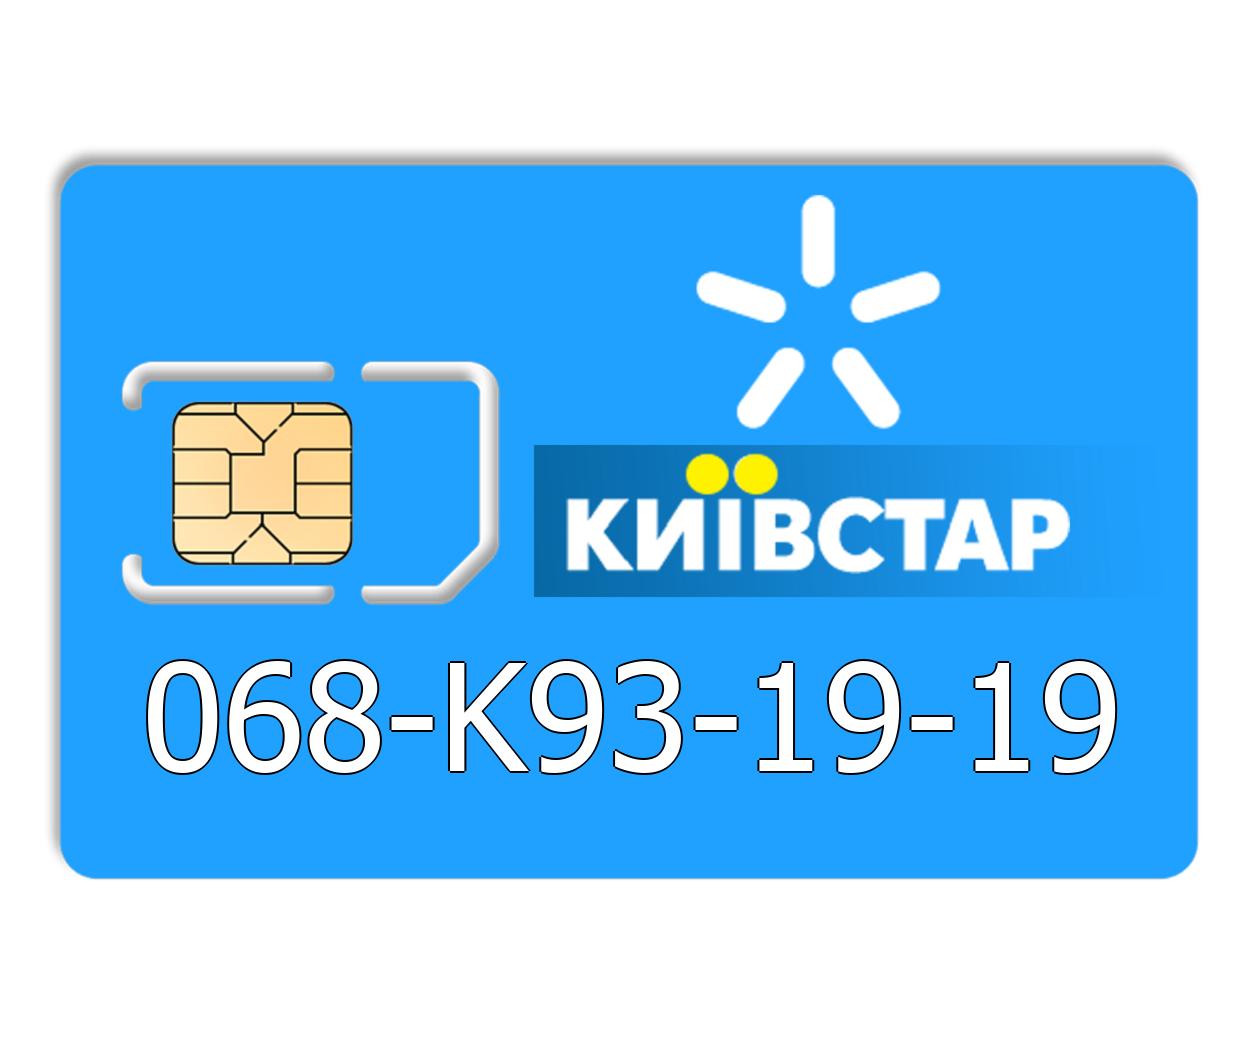 Красивый номер Киевстар 068-K93-19-19